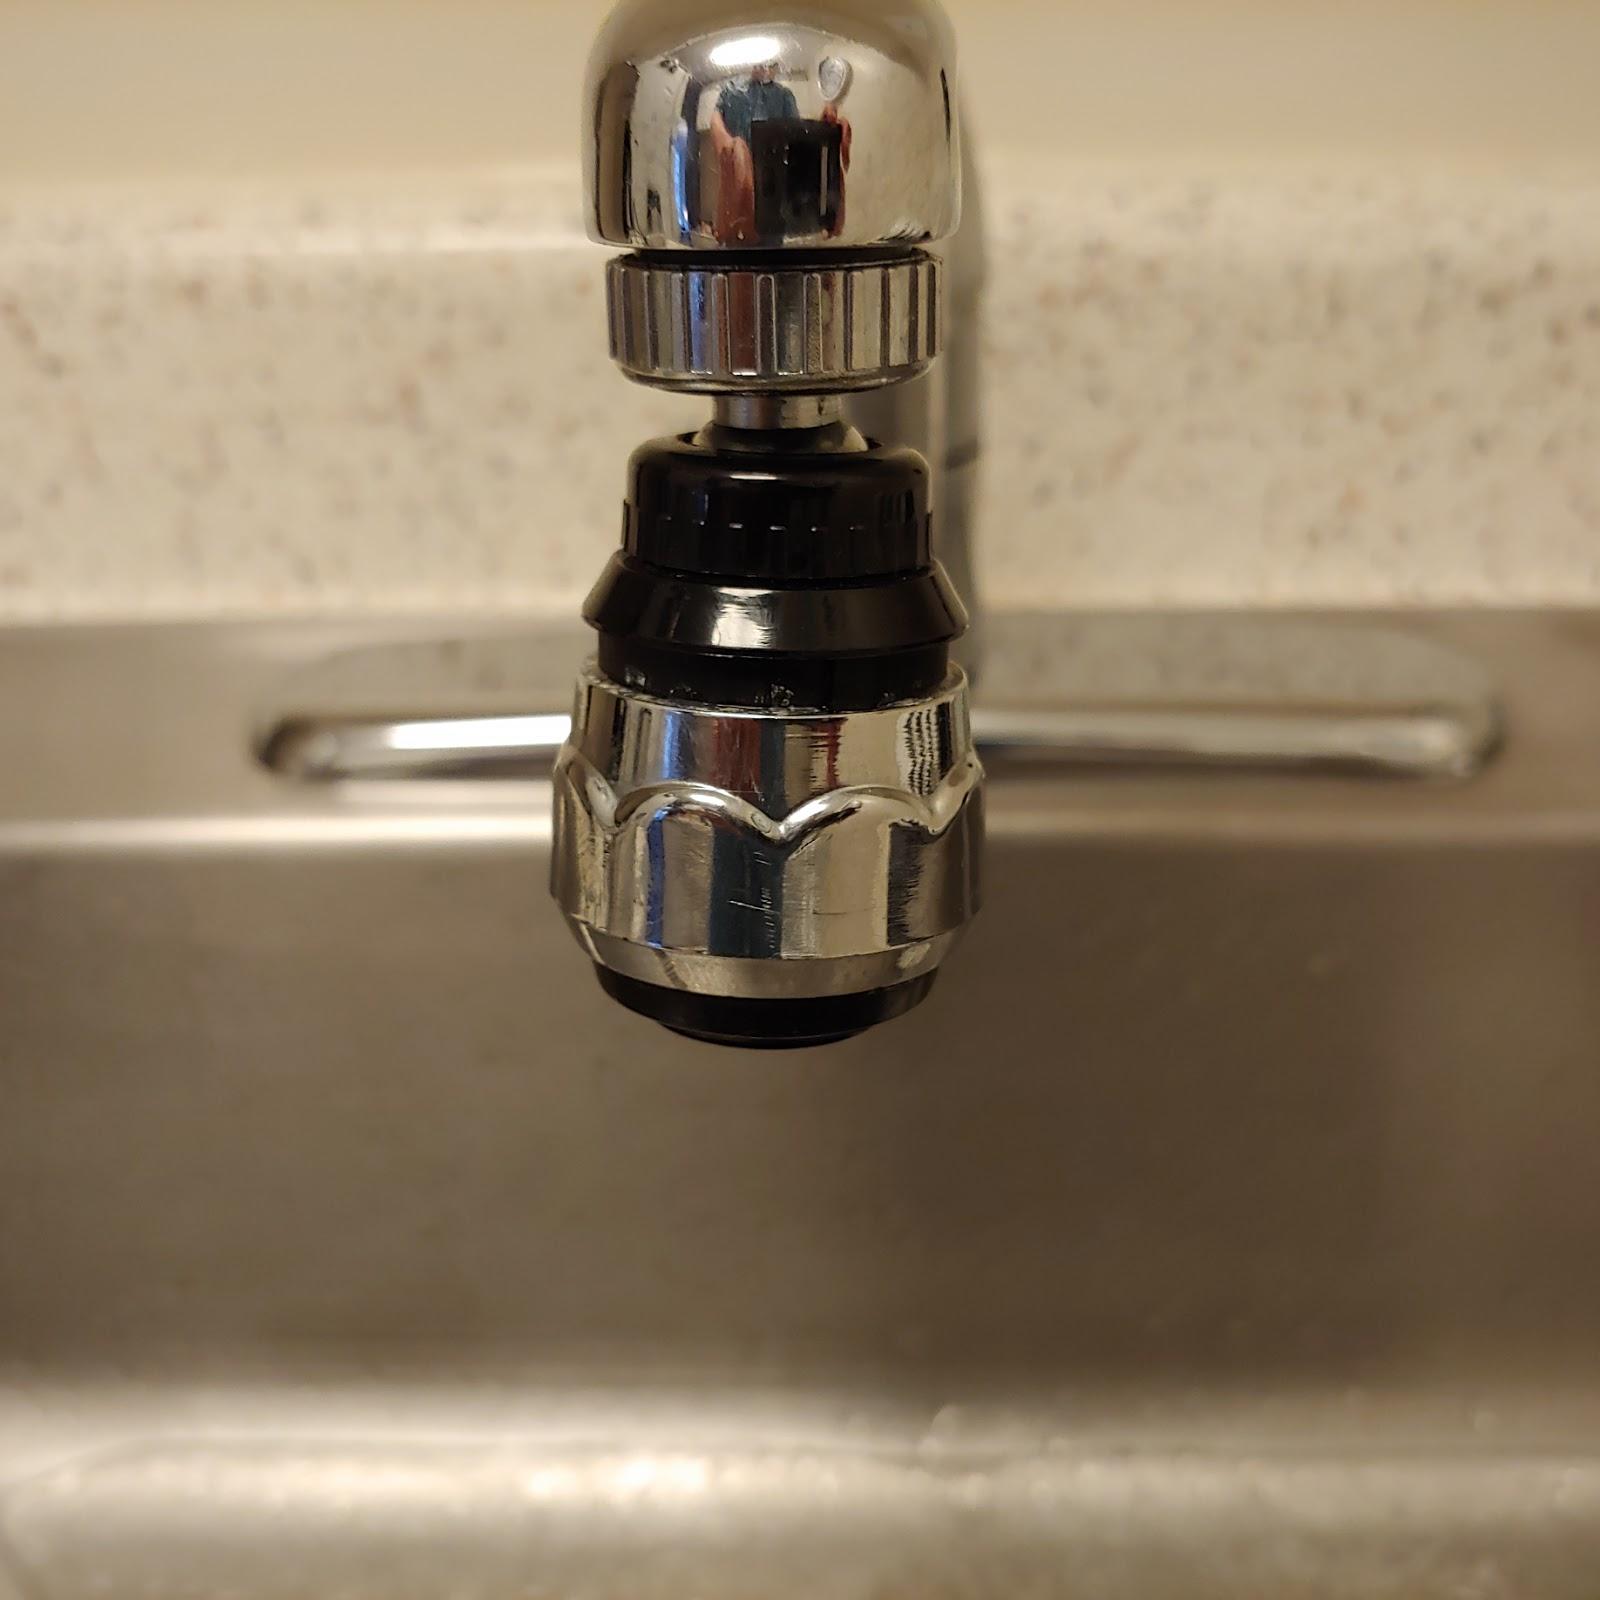 sink sprayer attachment in the kitchen